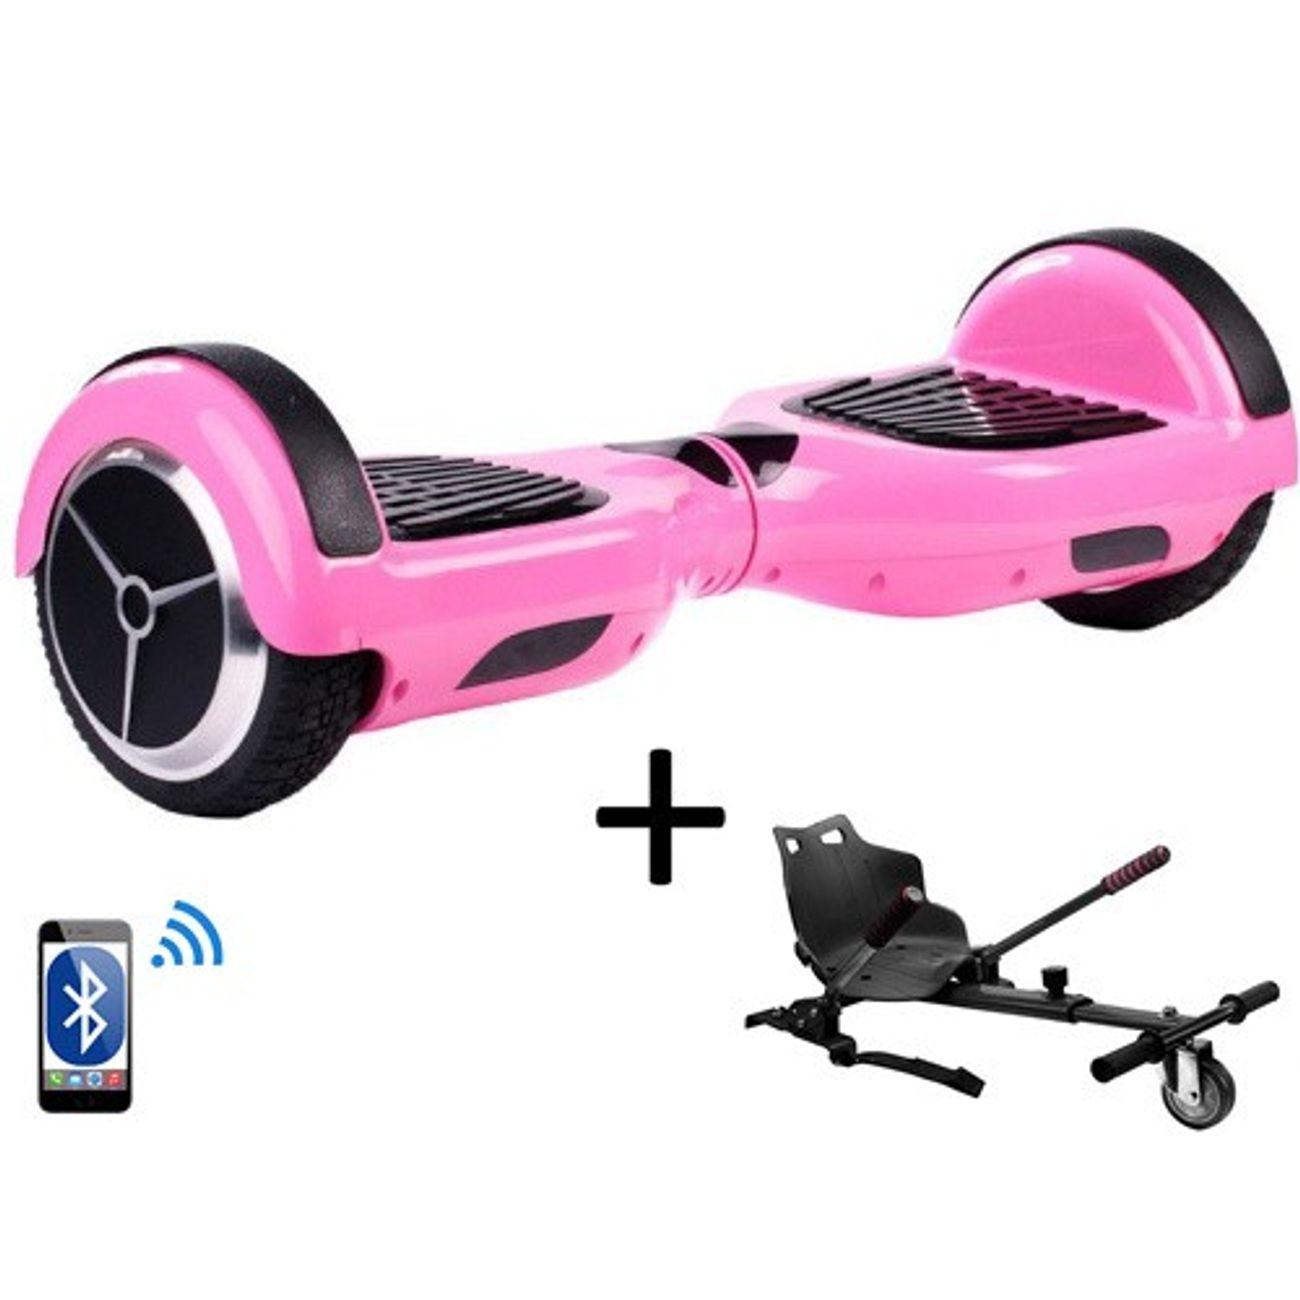 pack hoverboard 6 5 rose hoverkart noir achat et prix pas cher go sport. Black Bedroom Furniture Sets. Home Design Ideas